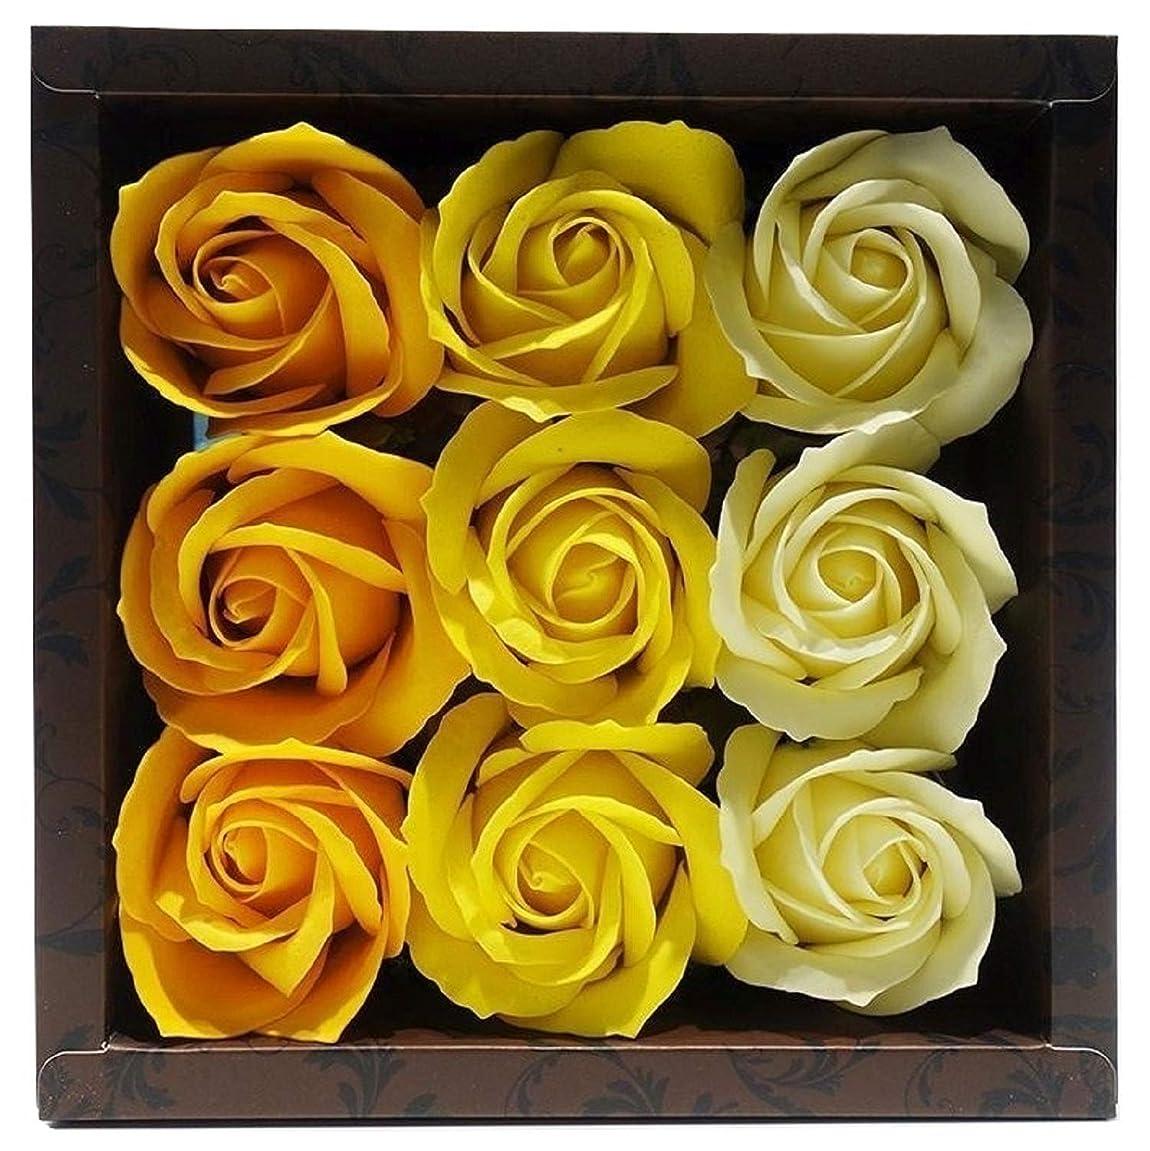 継承腸ペンスバスフレグランス バスフラワー ローズフレグランス イエローカラー ギフト お花の形の入浴剤